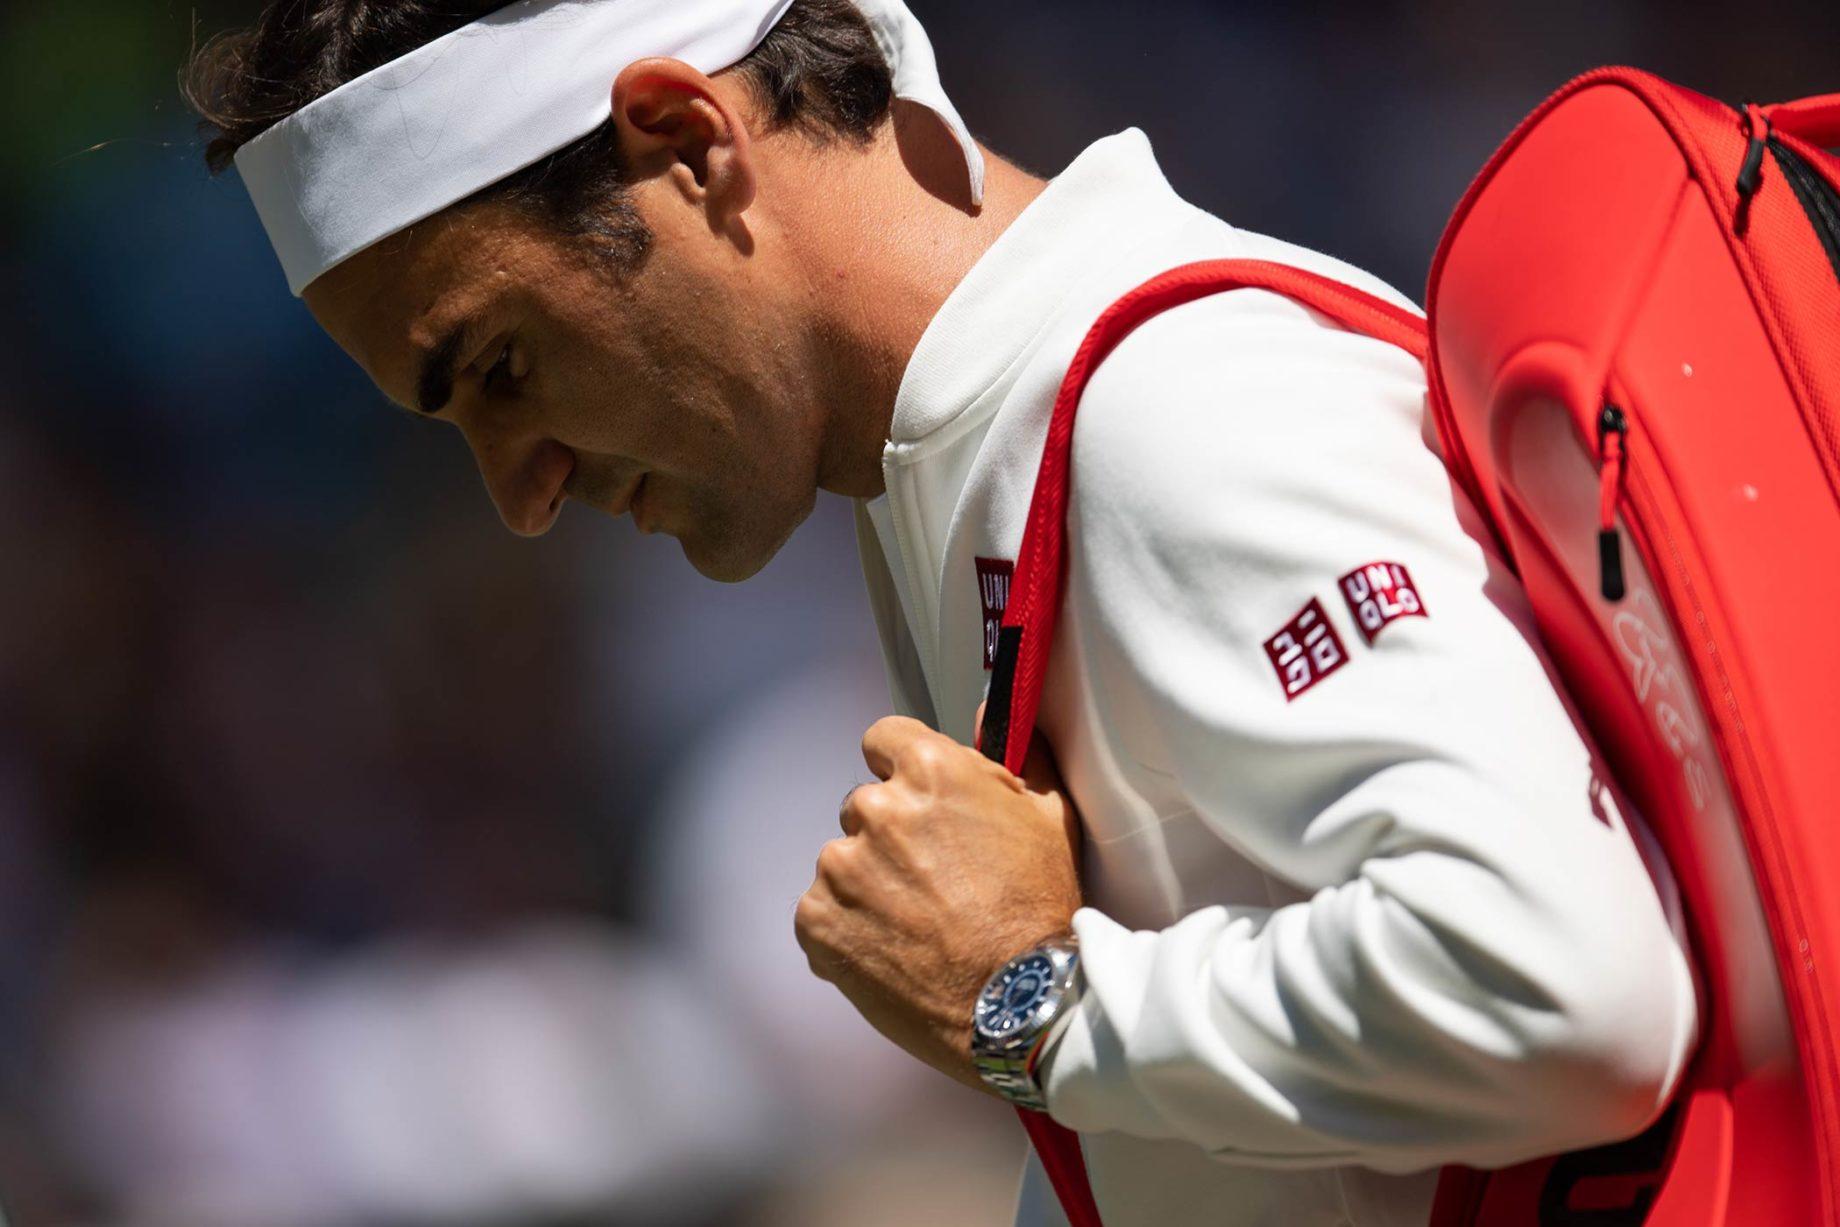 Roger Federer i Rolex Sky-Dweller